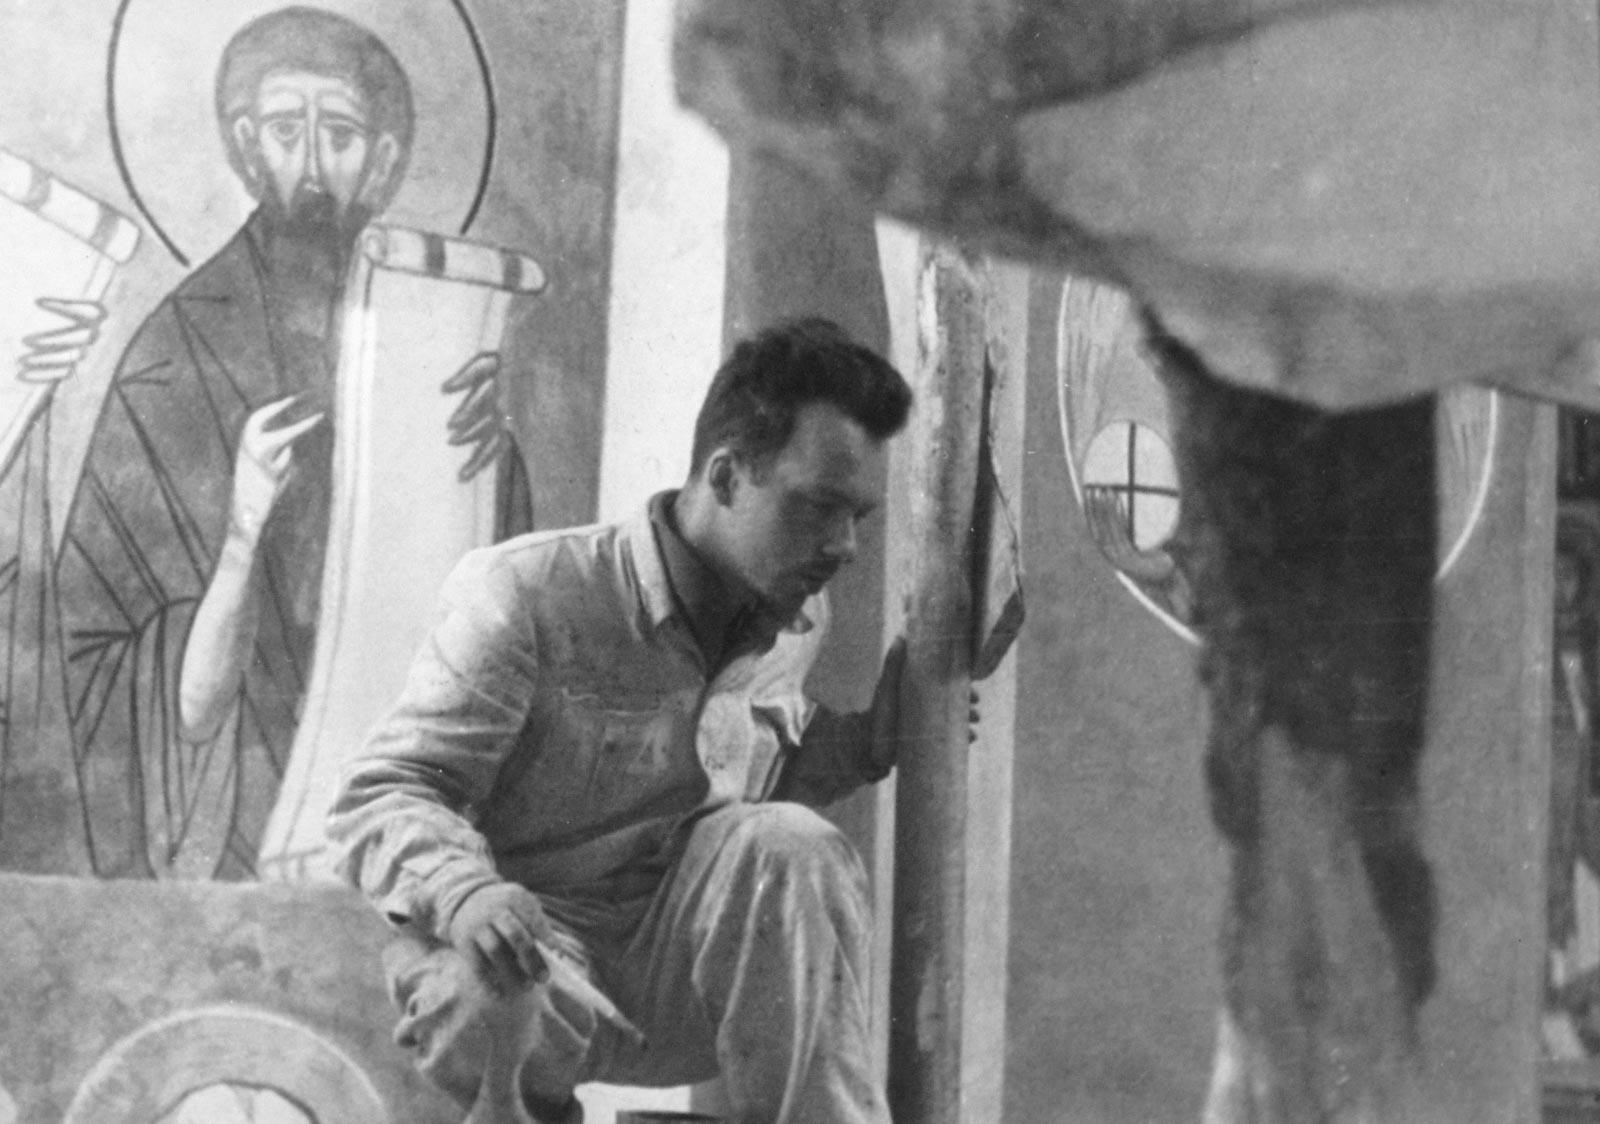 Podczas pracy przy polichromiach w Gródku, ok.1954